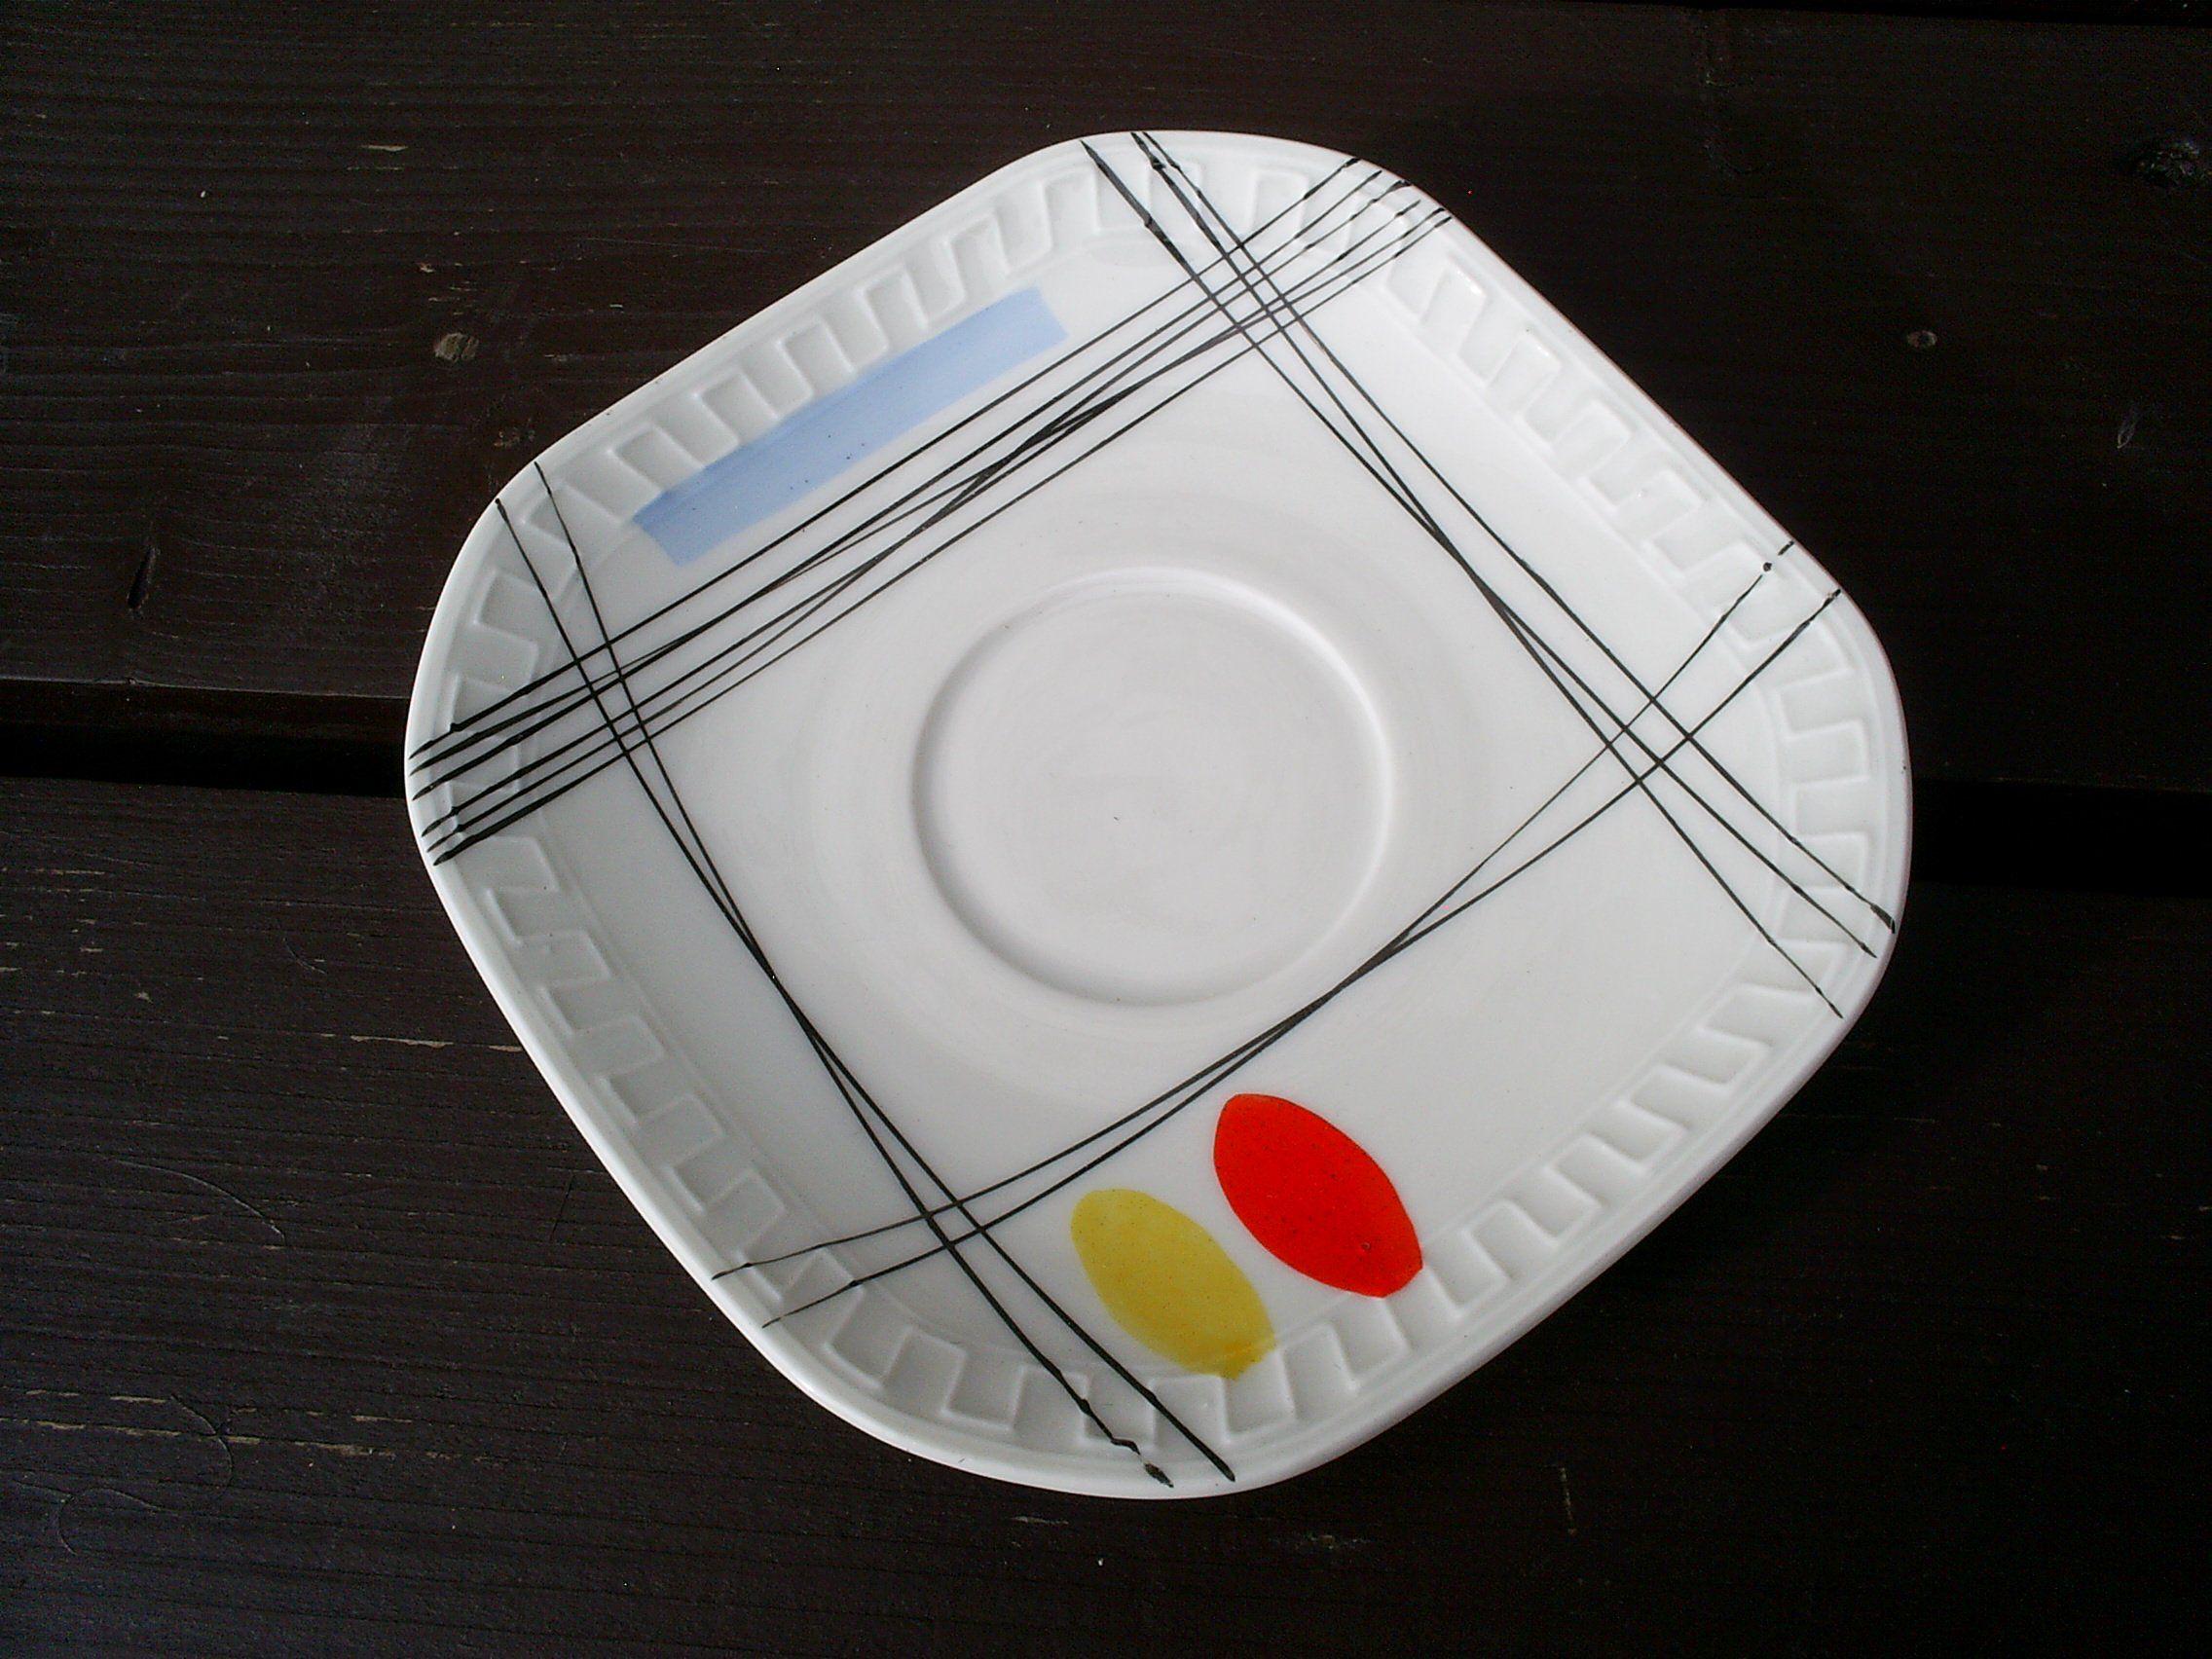 Serwis Kawowy Picasso Wawel Prl Cmielow Chodziez 7151945196 Oficjalne Archiwum Allegro Charger Pad Pad Popsockets